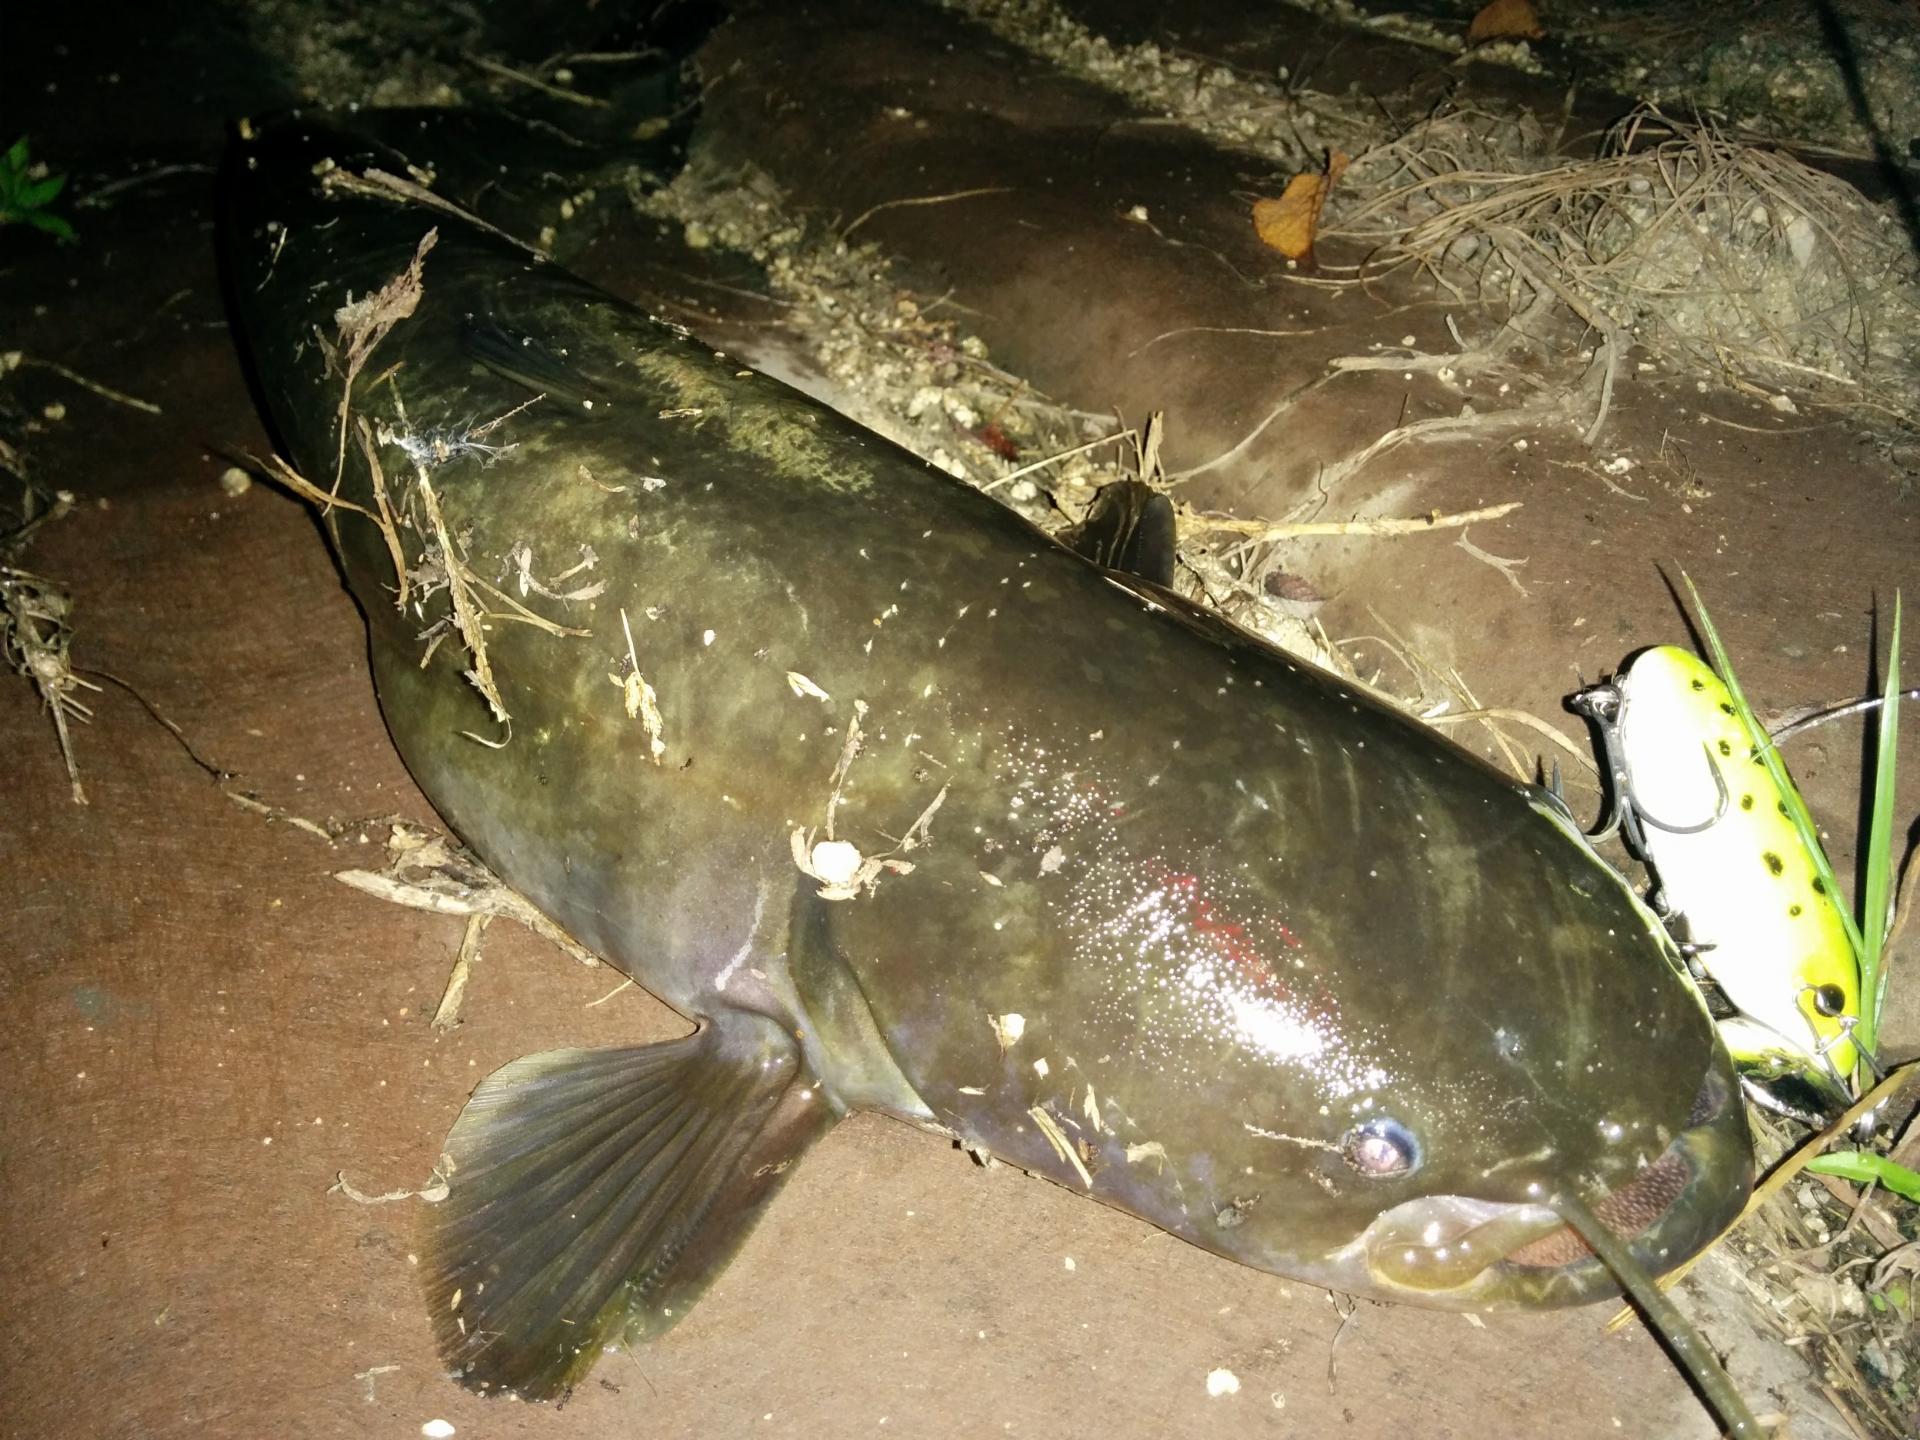 ナマズ釣りの時期について!釣り方やポイントもご紹介